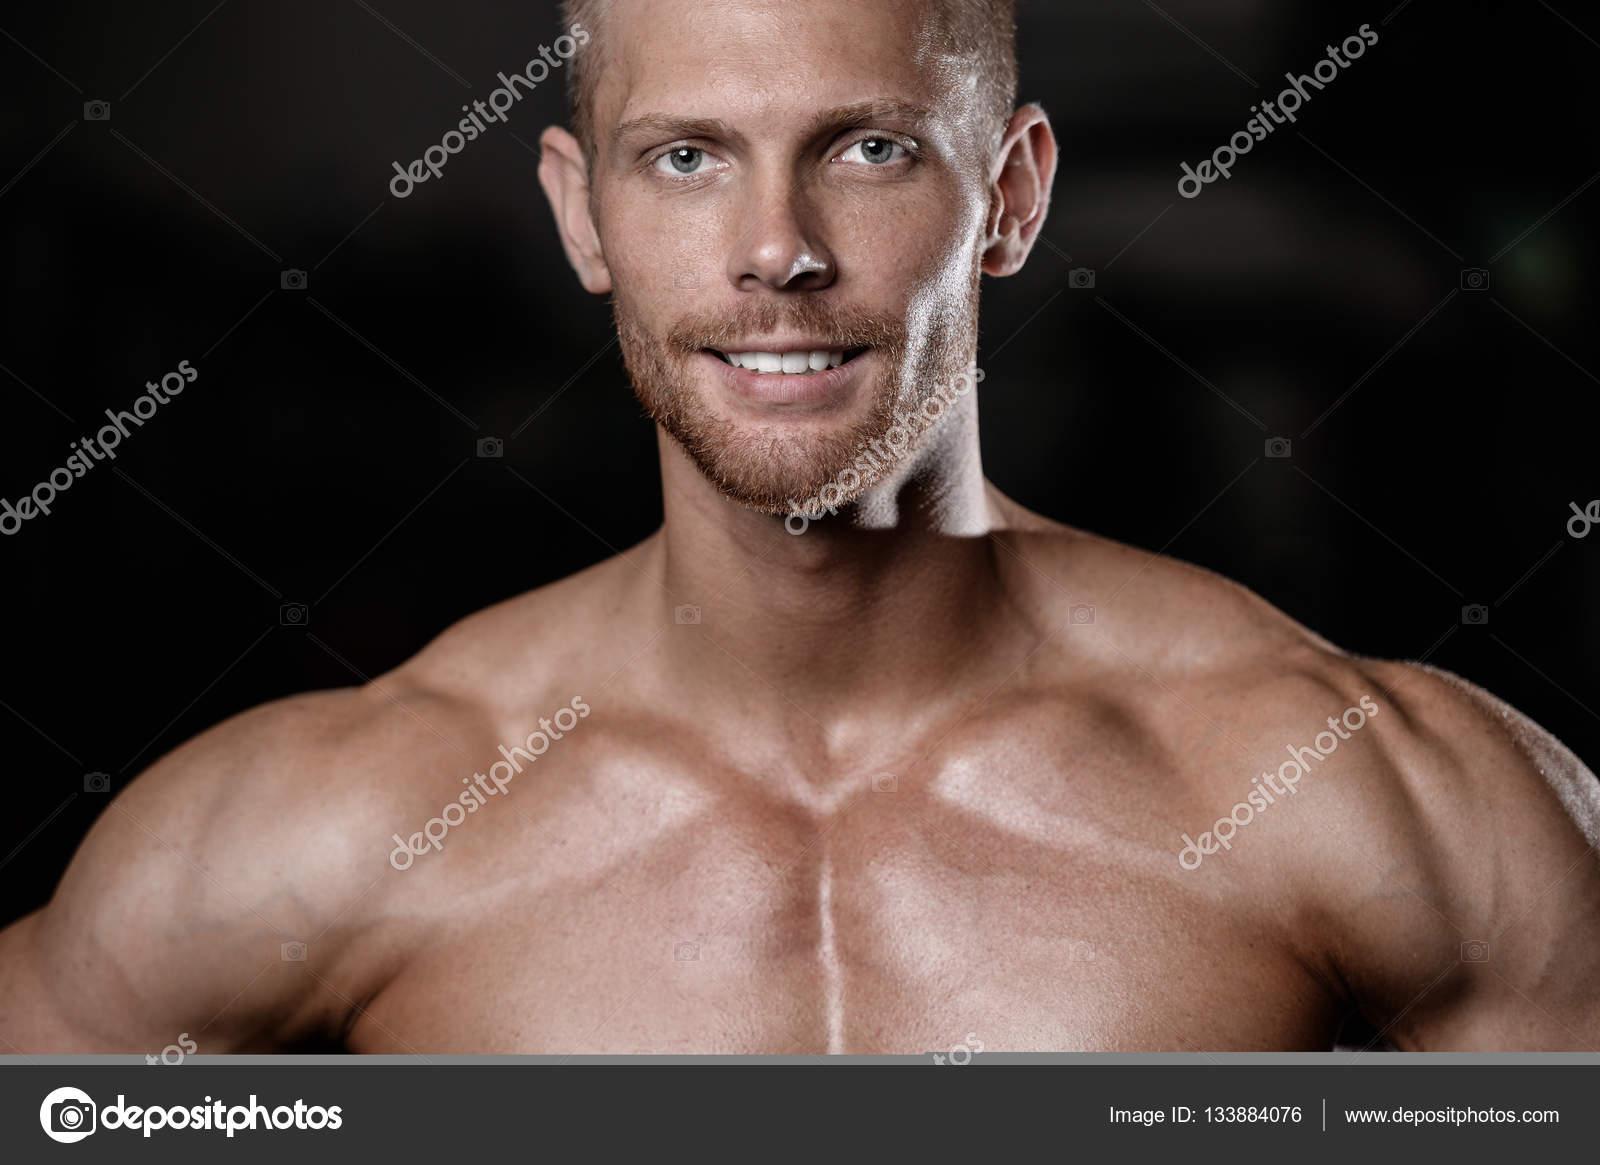 Schöne Männer Gesicht Nahaufnahme Portrait Im Fitness Studio Fitness